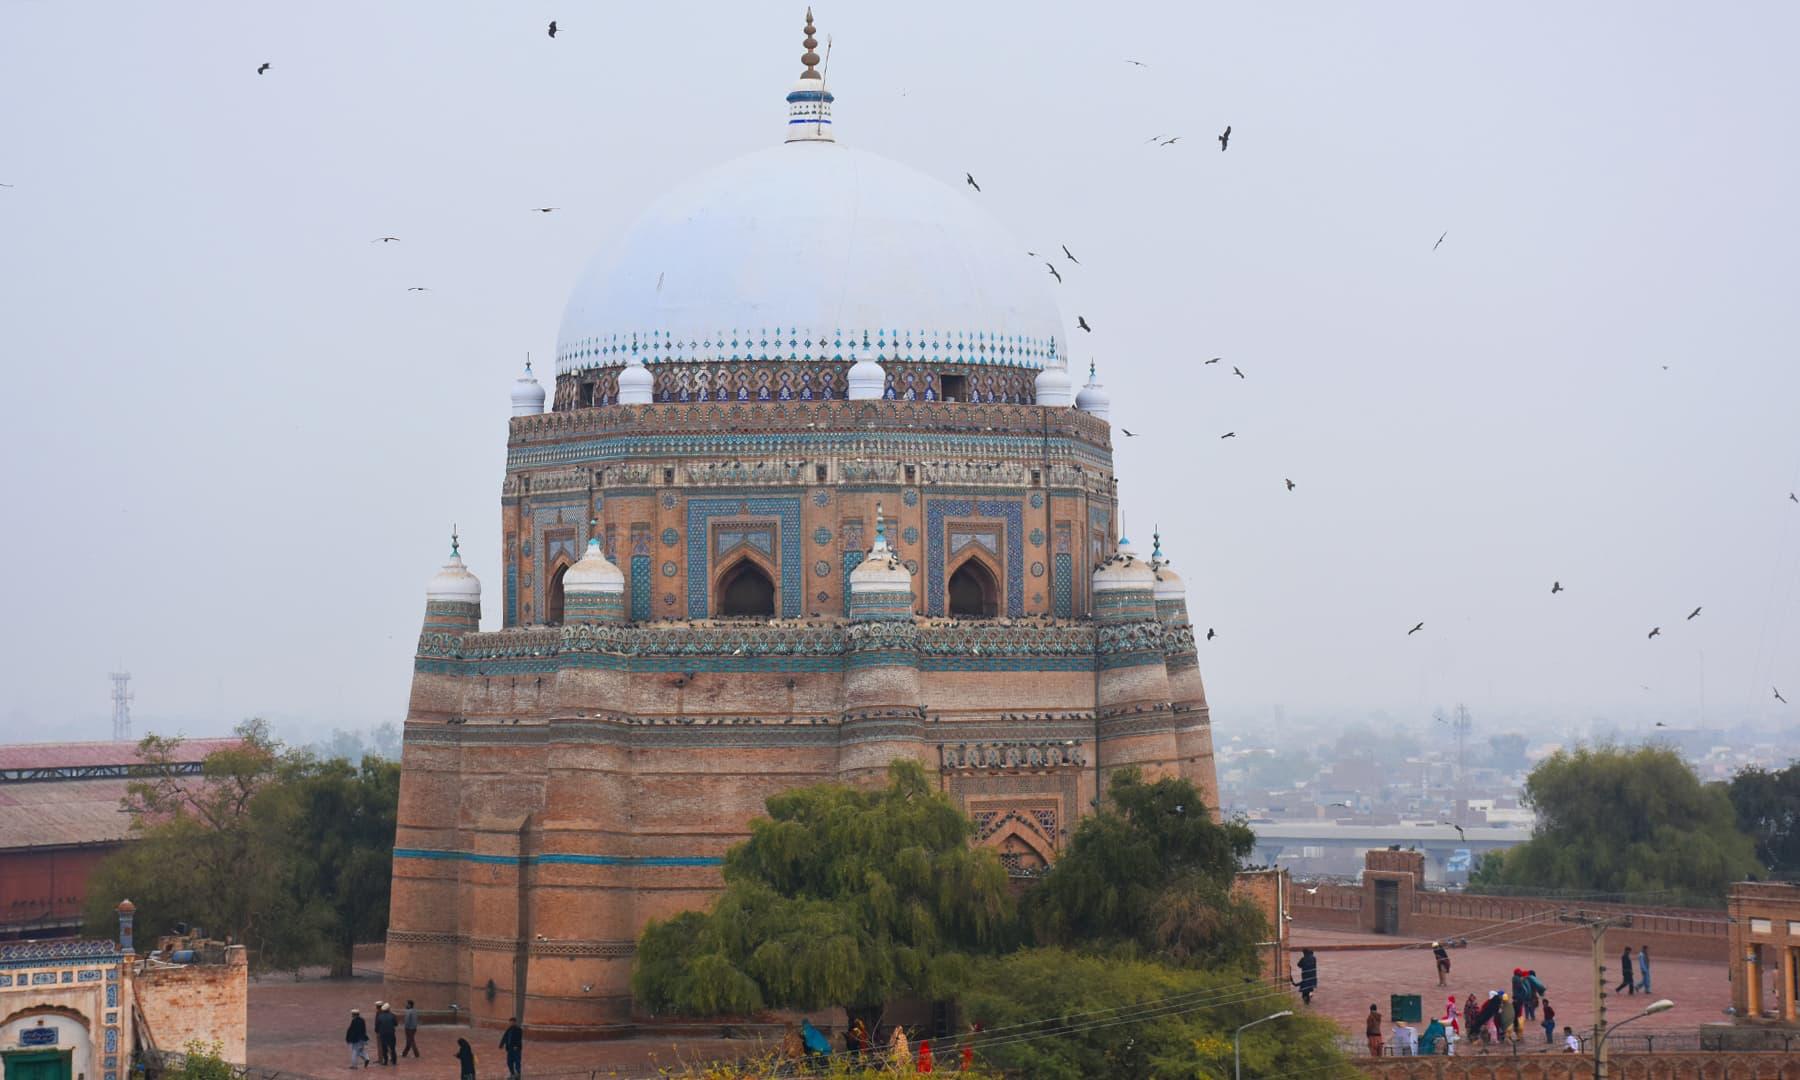 شاہ رکن عالم کا مزار